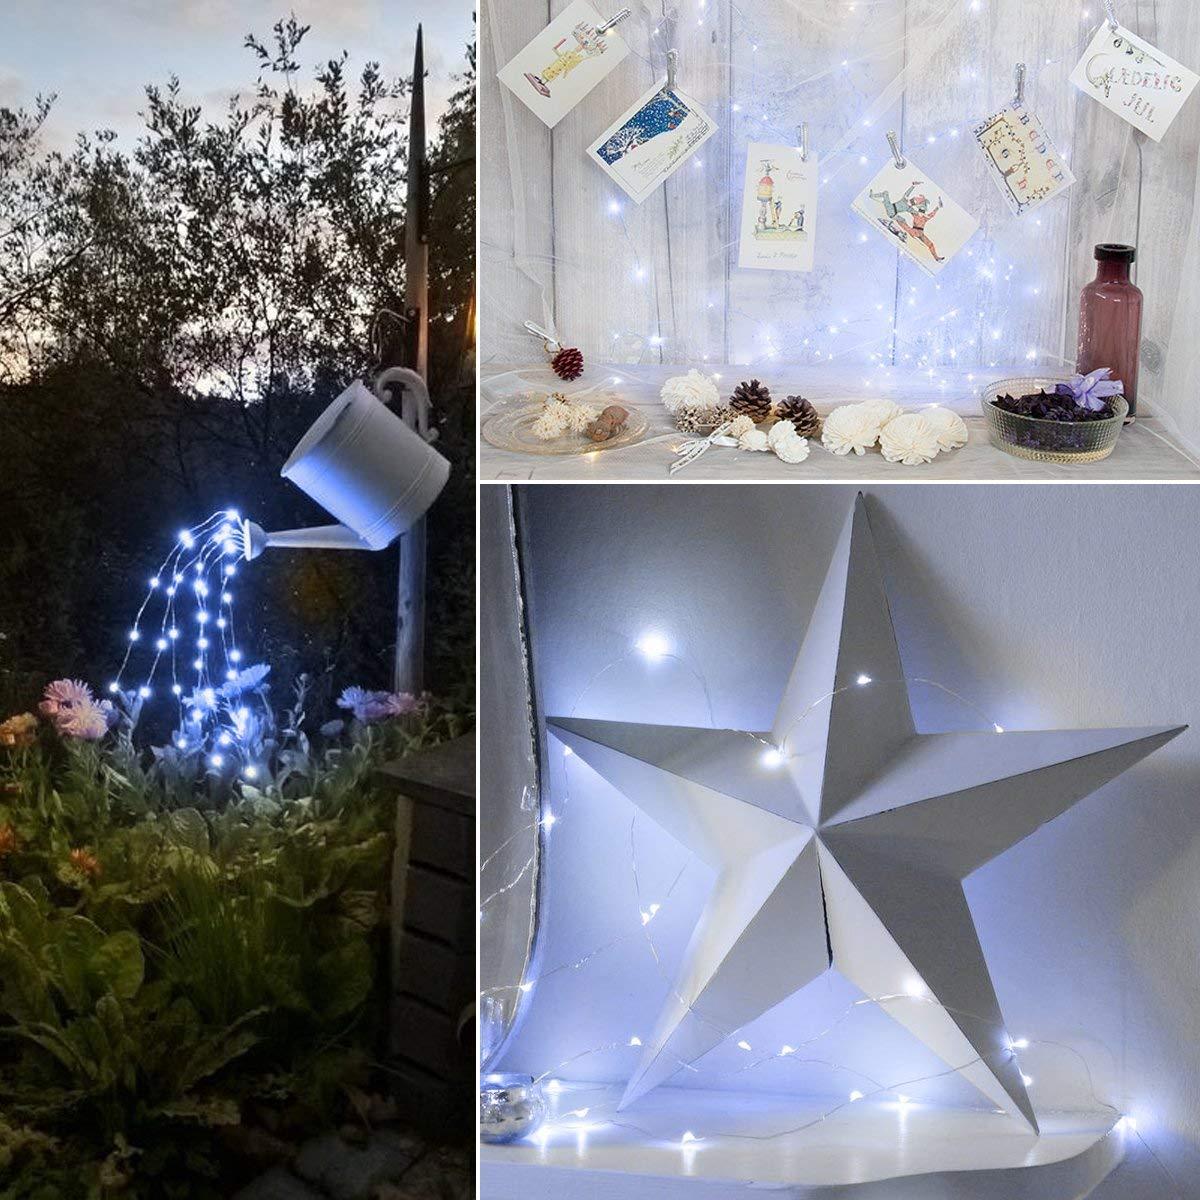 AMIR Solar Luz Cadena 2/Unidades Navidad 33/ft 100/LED Solar Luz Cadena Navidad Solar Bola Iluminaci/ón para Fiesta Exterior Jard/ín Exterior Color Blanco Halloween Fijo Deko etc.